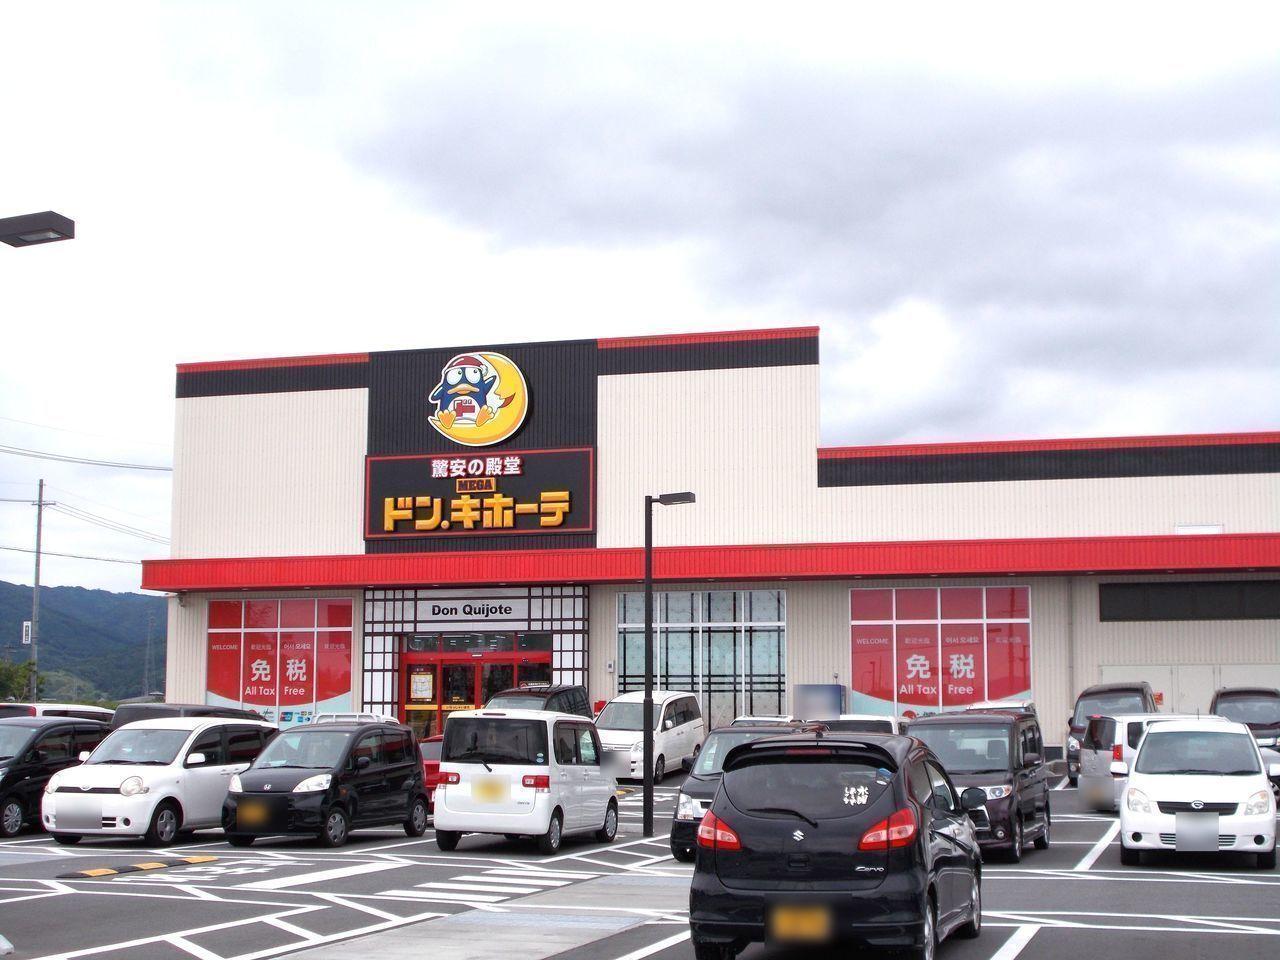 【ショッピングセンター】MEGAドン・キホーテ桜井店 (車利用11分)